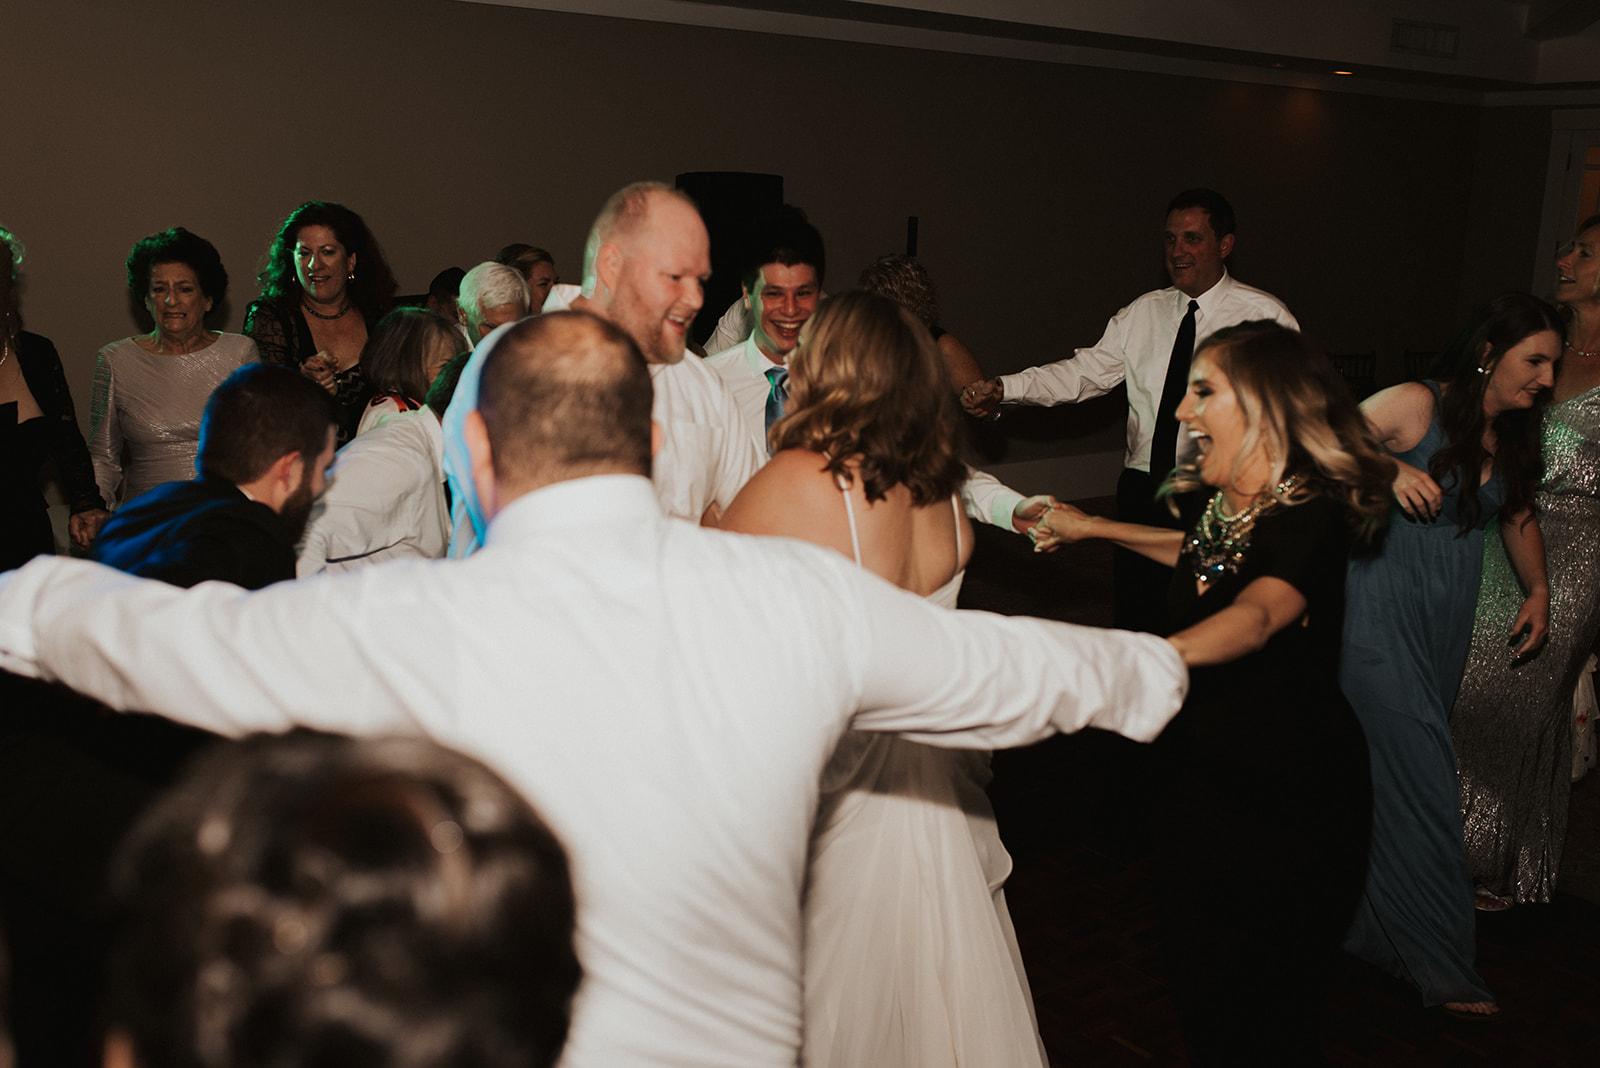 wedding hora dancing